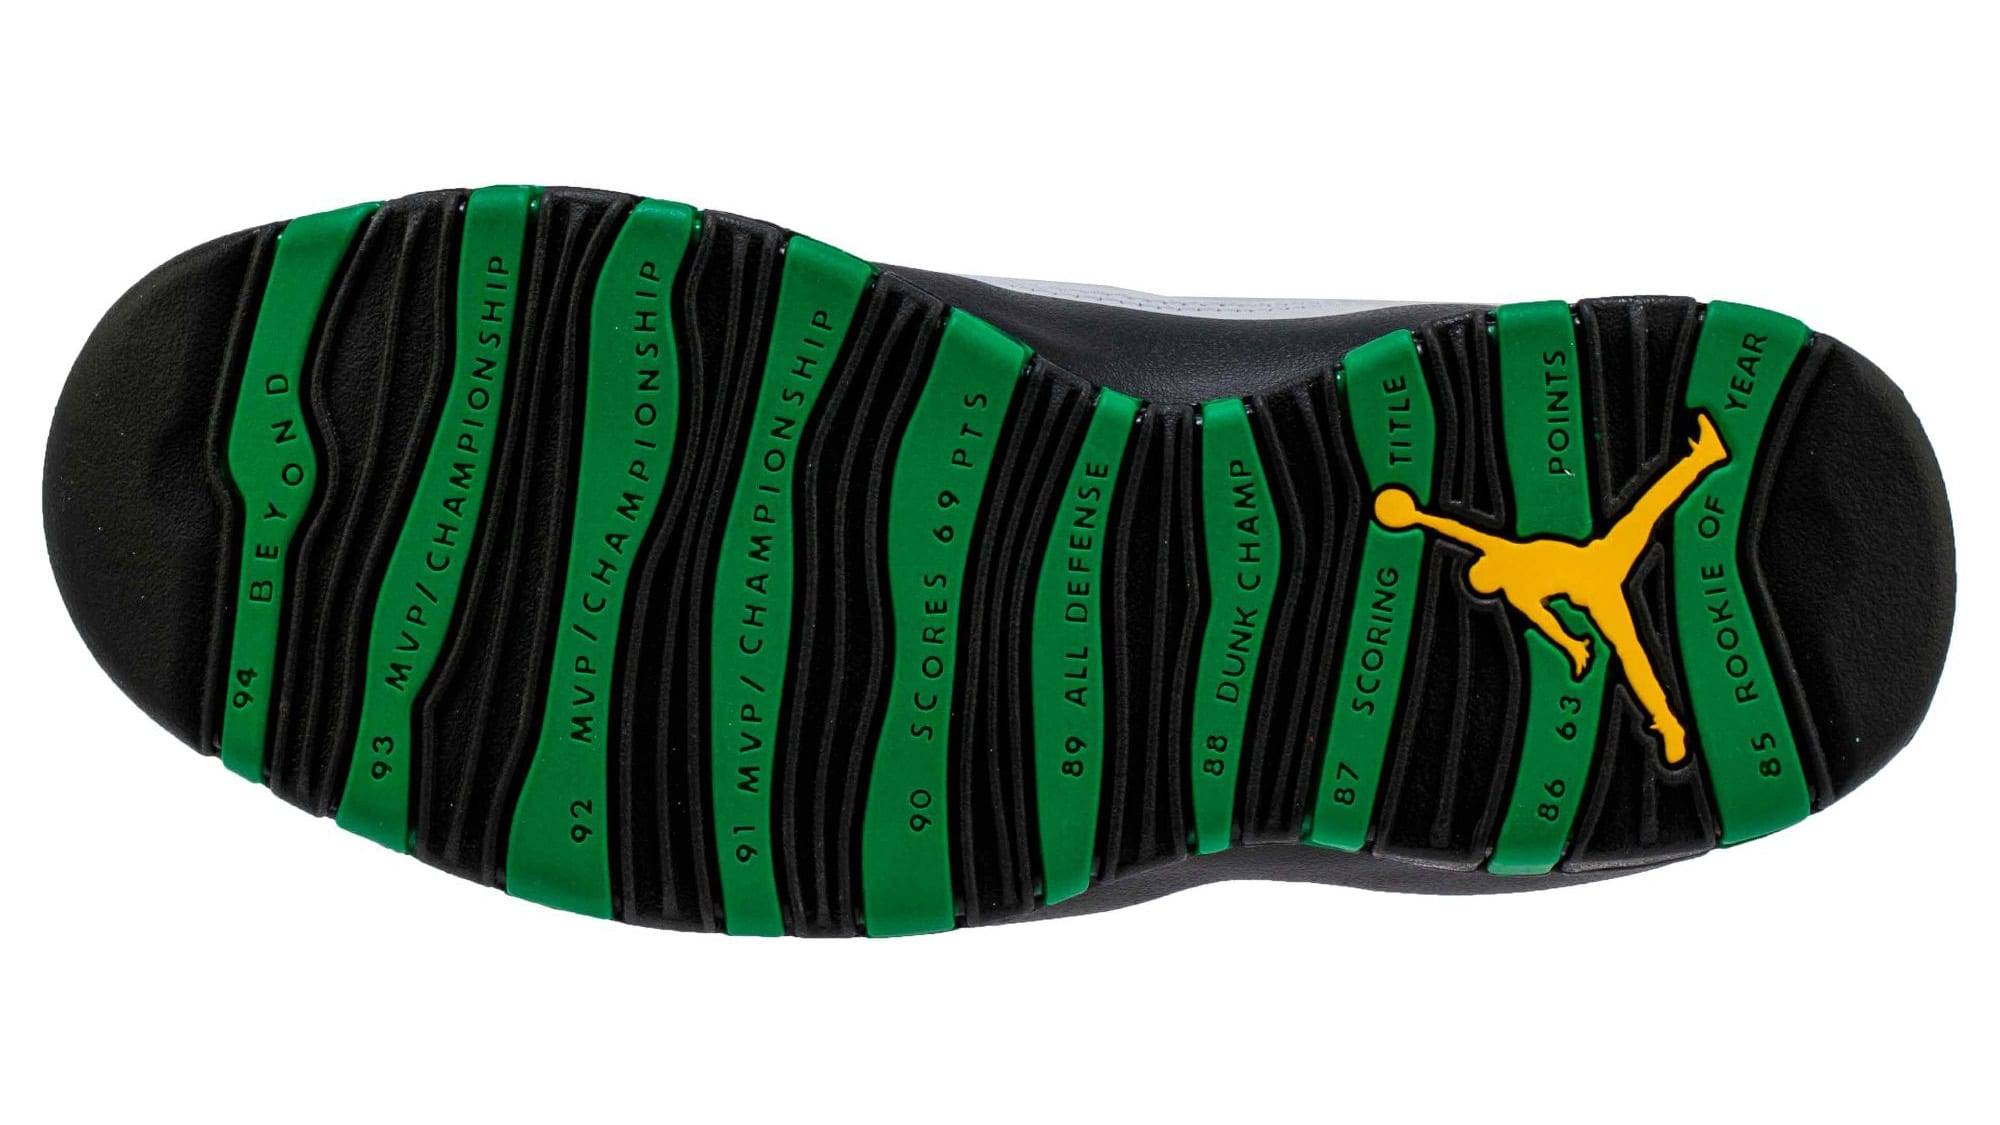 Air Jordan 10 Seattle Release Date 310805-137 Sole